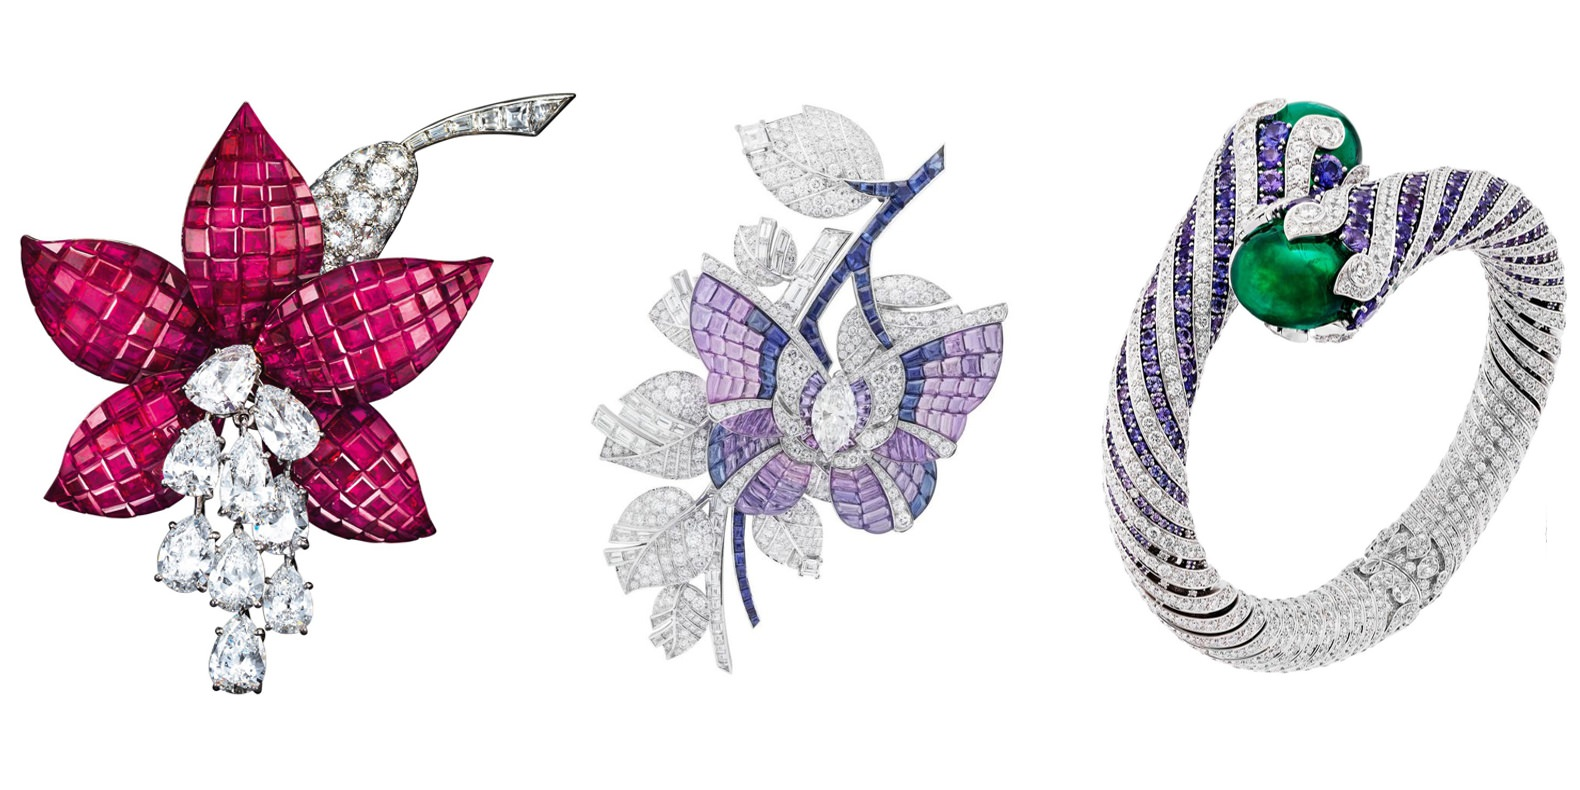 △圖片取自梵克雅寶(Van Cleef&Arpels),梵克雅寶(Van Cleef&Arpels)是世界知名的高級珠寶製造商,上圖是他們的高級訂製珠寶系列,左一和左二用上了該品牌最為知名的技法不見金鑲嵌,這一種是屬於藝術作品的範疇,因工法特殊具有標示性,買了日後就算不想持有每一件都可以上國際拍賣場賣,但價格不是我們這種基層小伙伴們負擔的起的,有興趣的小伙伴可以Google一下價格